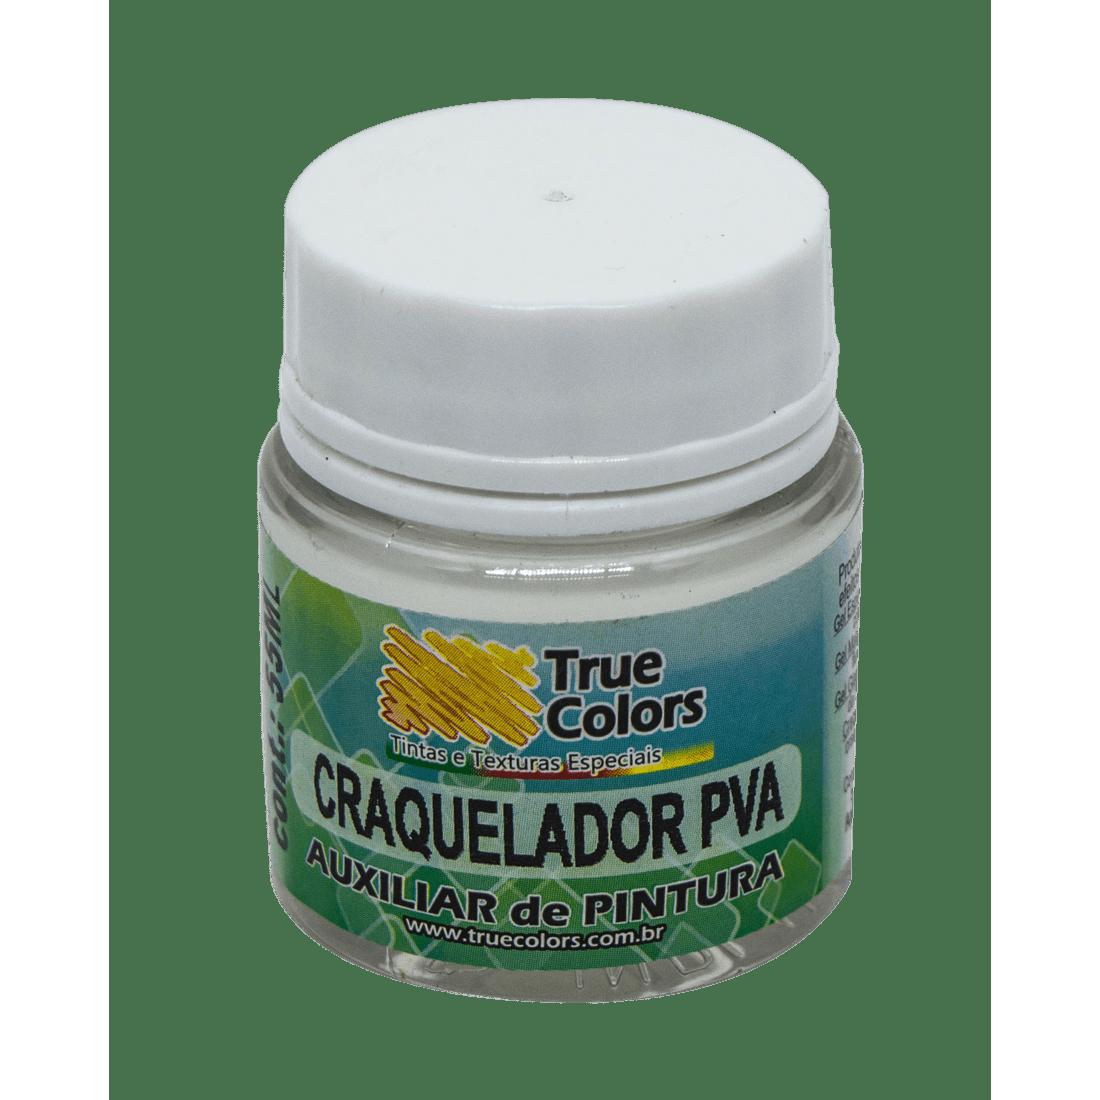 Craquelador-PVA